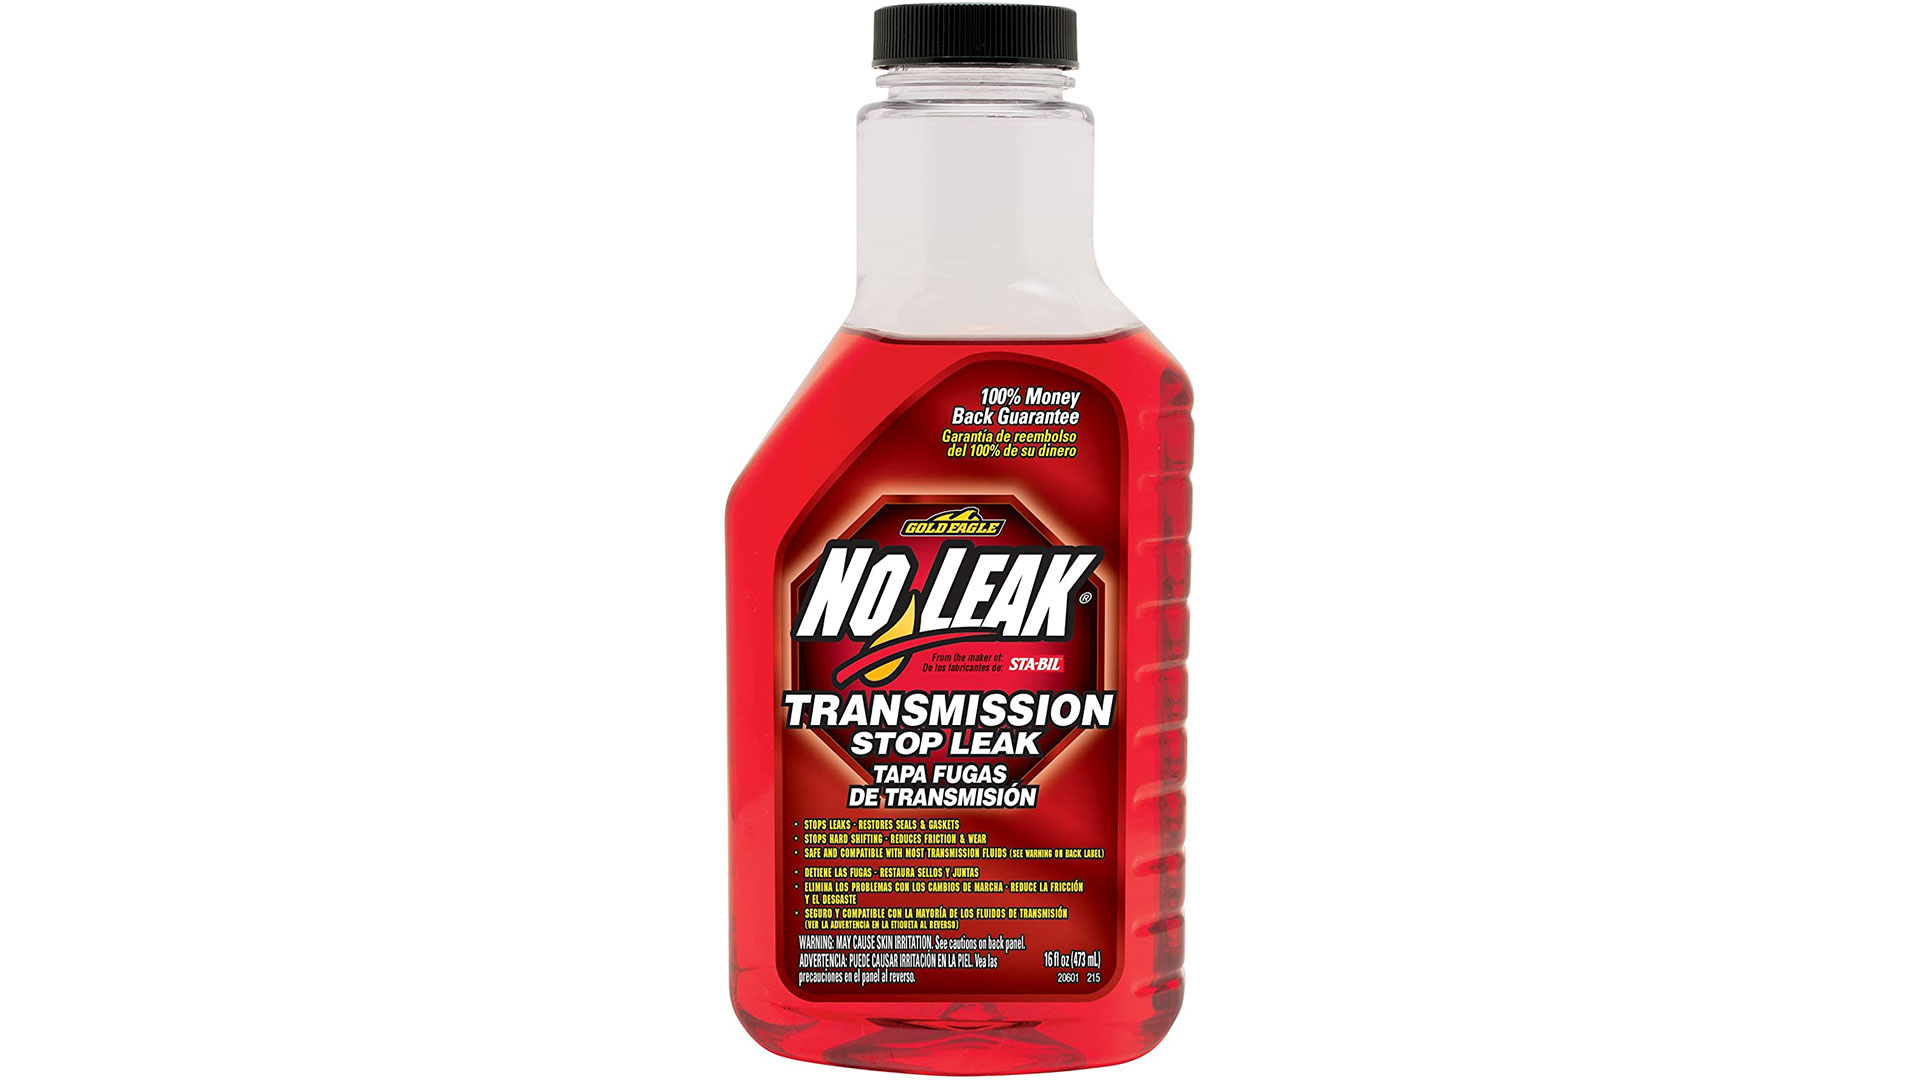 gold eagle no leak transmission stop leak